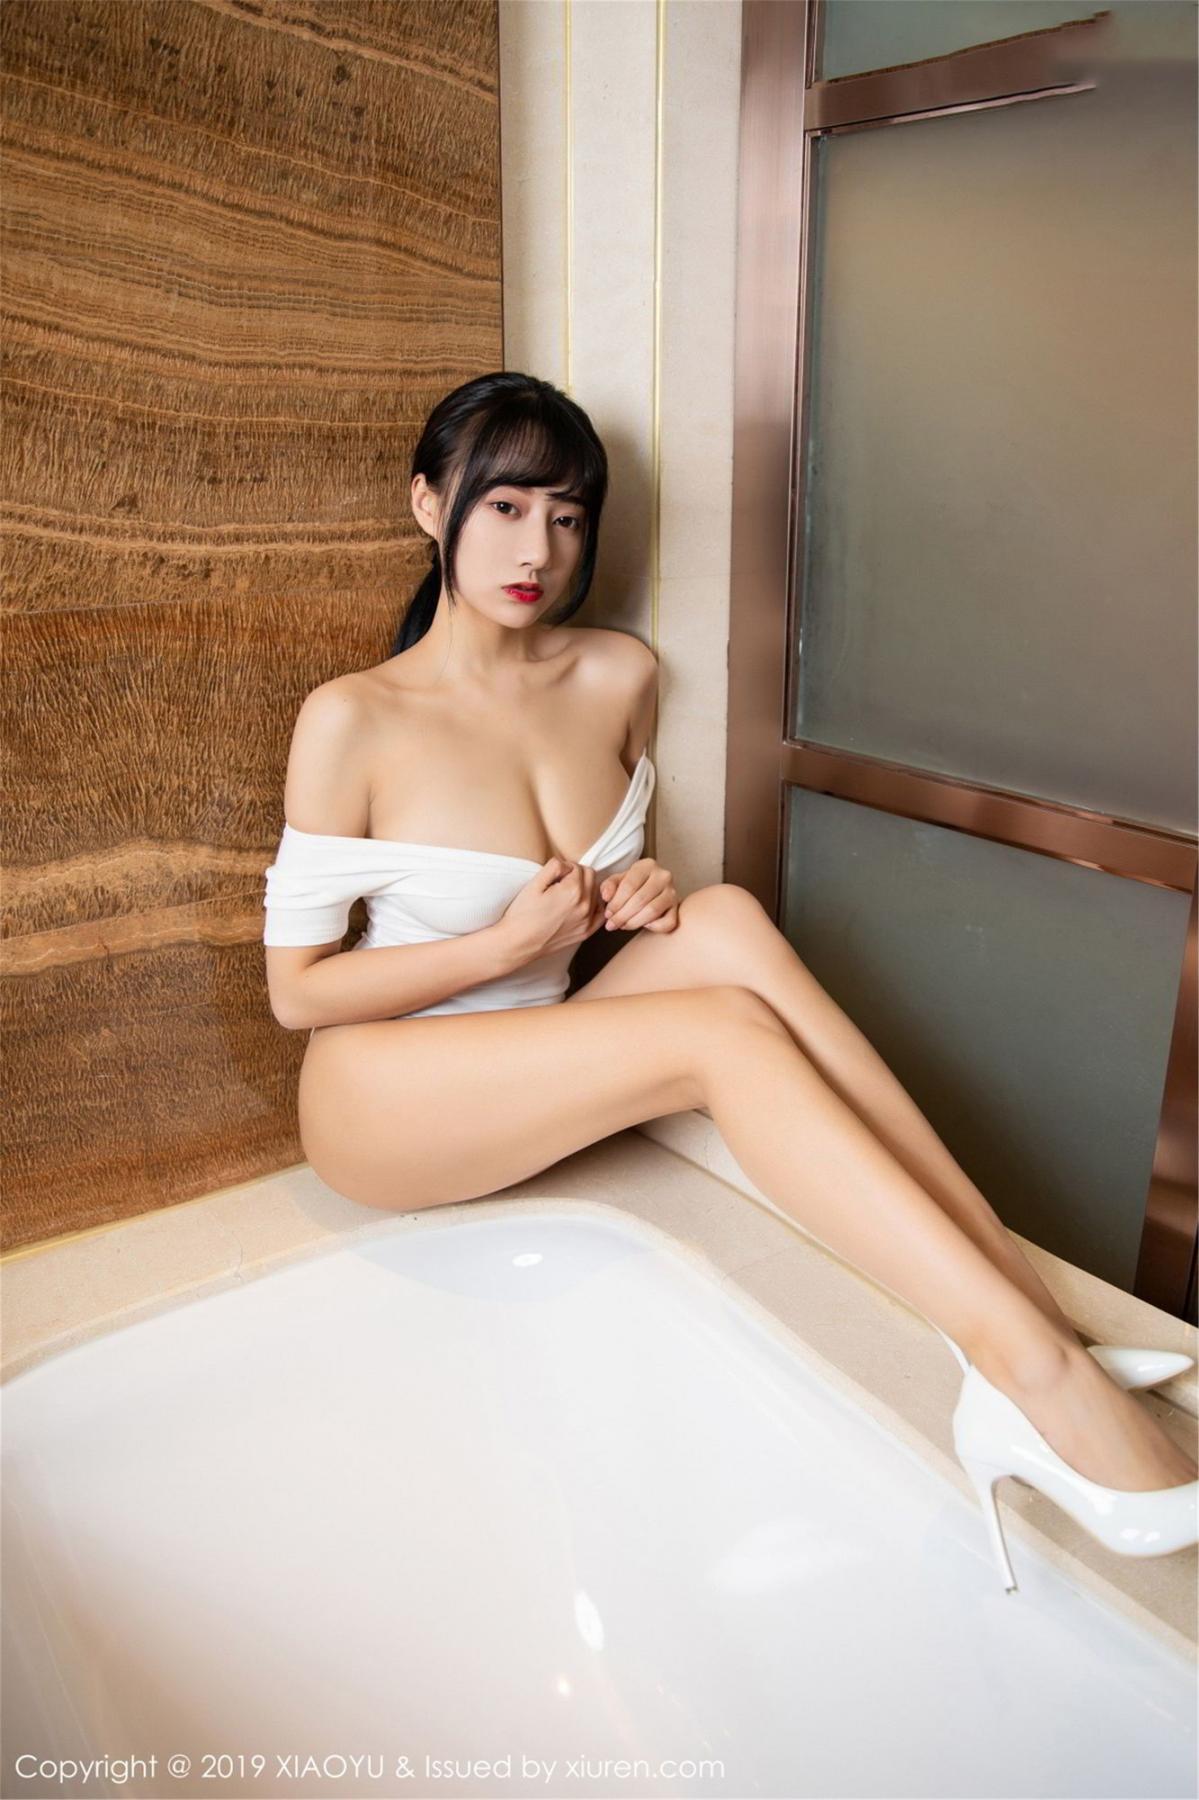 [XiaoYu] Vol.116 He Jia Ying 3P, Bathroom, He Jia Ying, Wet, XiaoYu